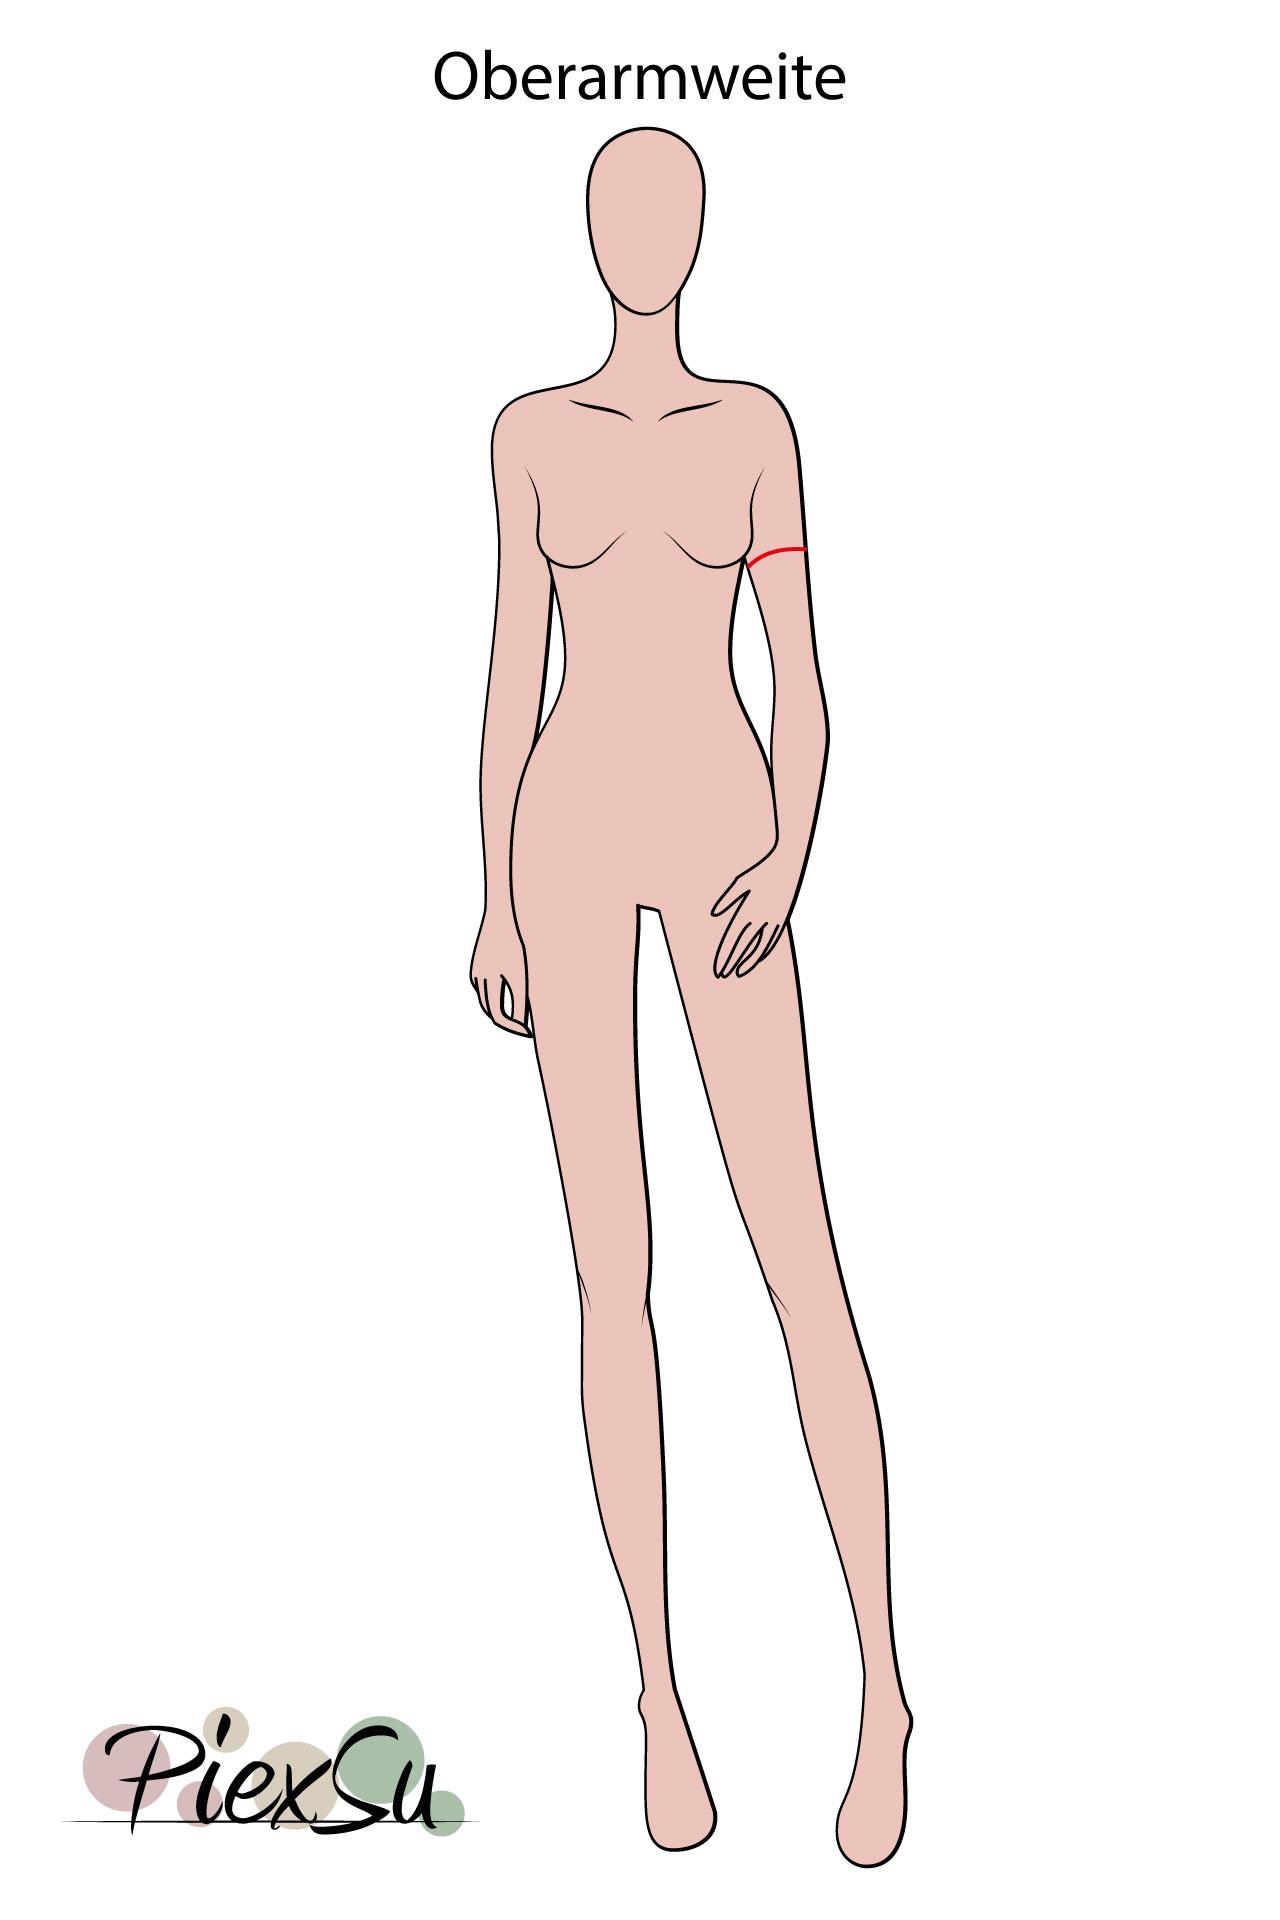 PiexSu-richtig-Maßnehmen-Maße-Schnittmuster-nähen-Schnittmuster-anpassen-messen-Maßband-Oberarumfang-Oberarmweite